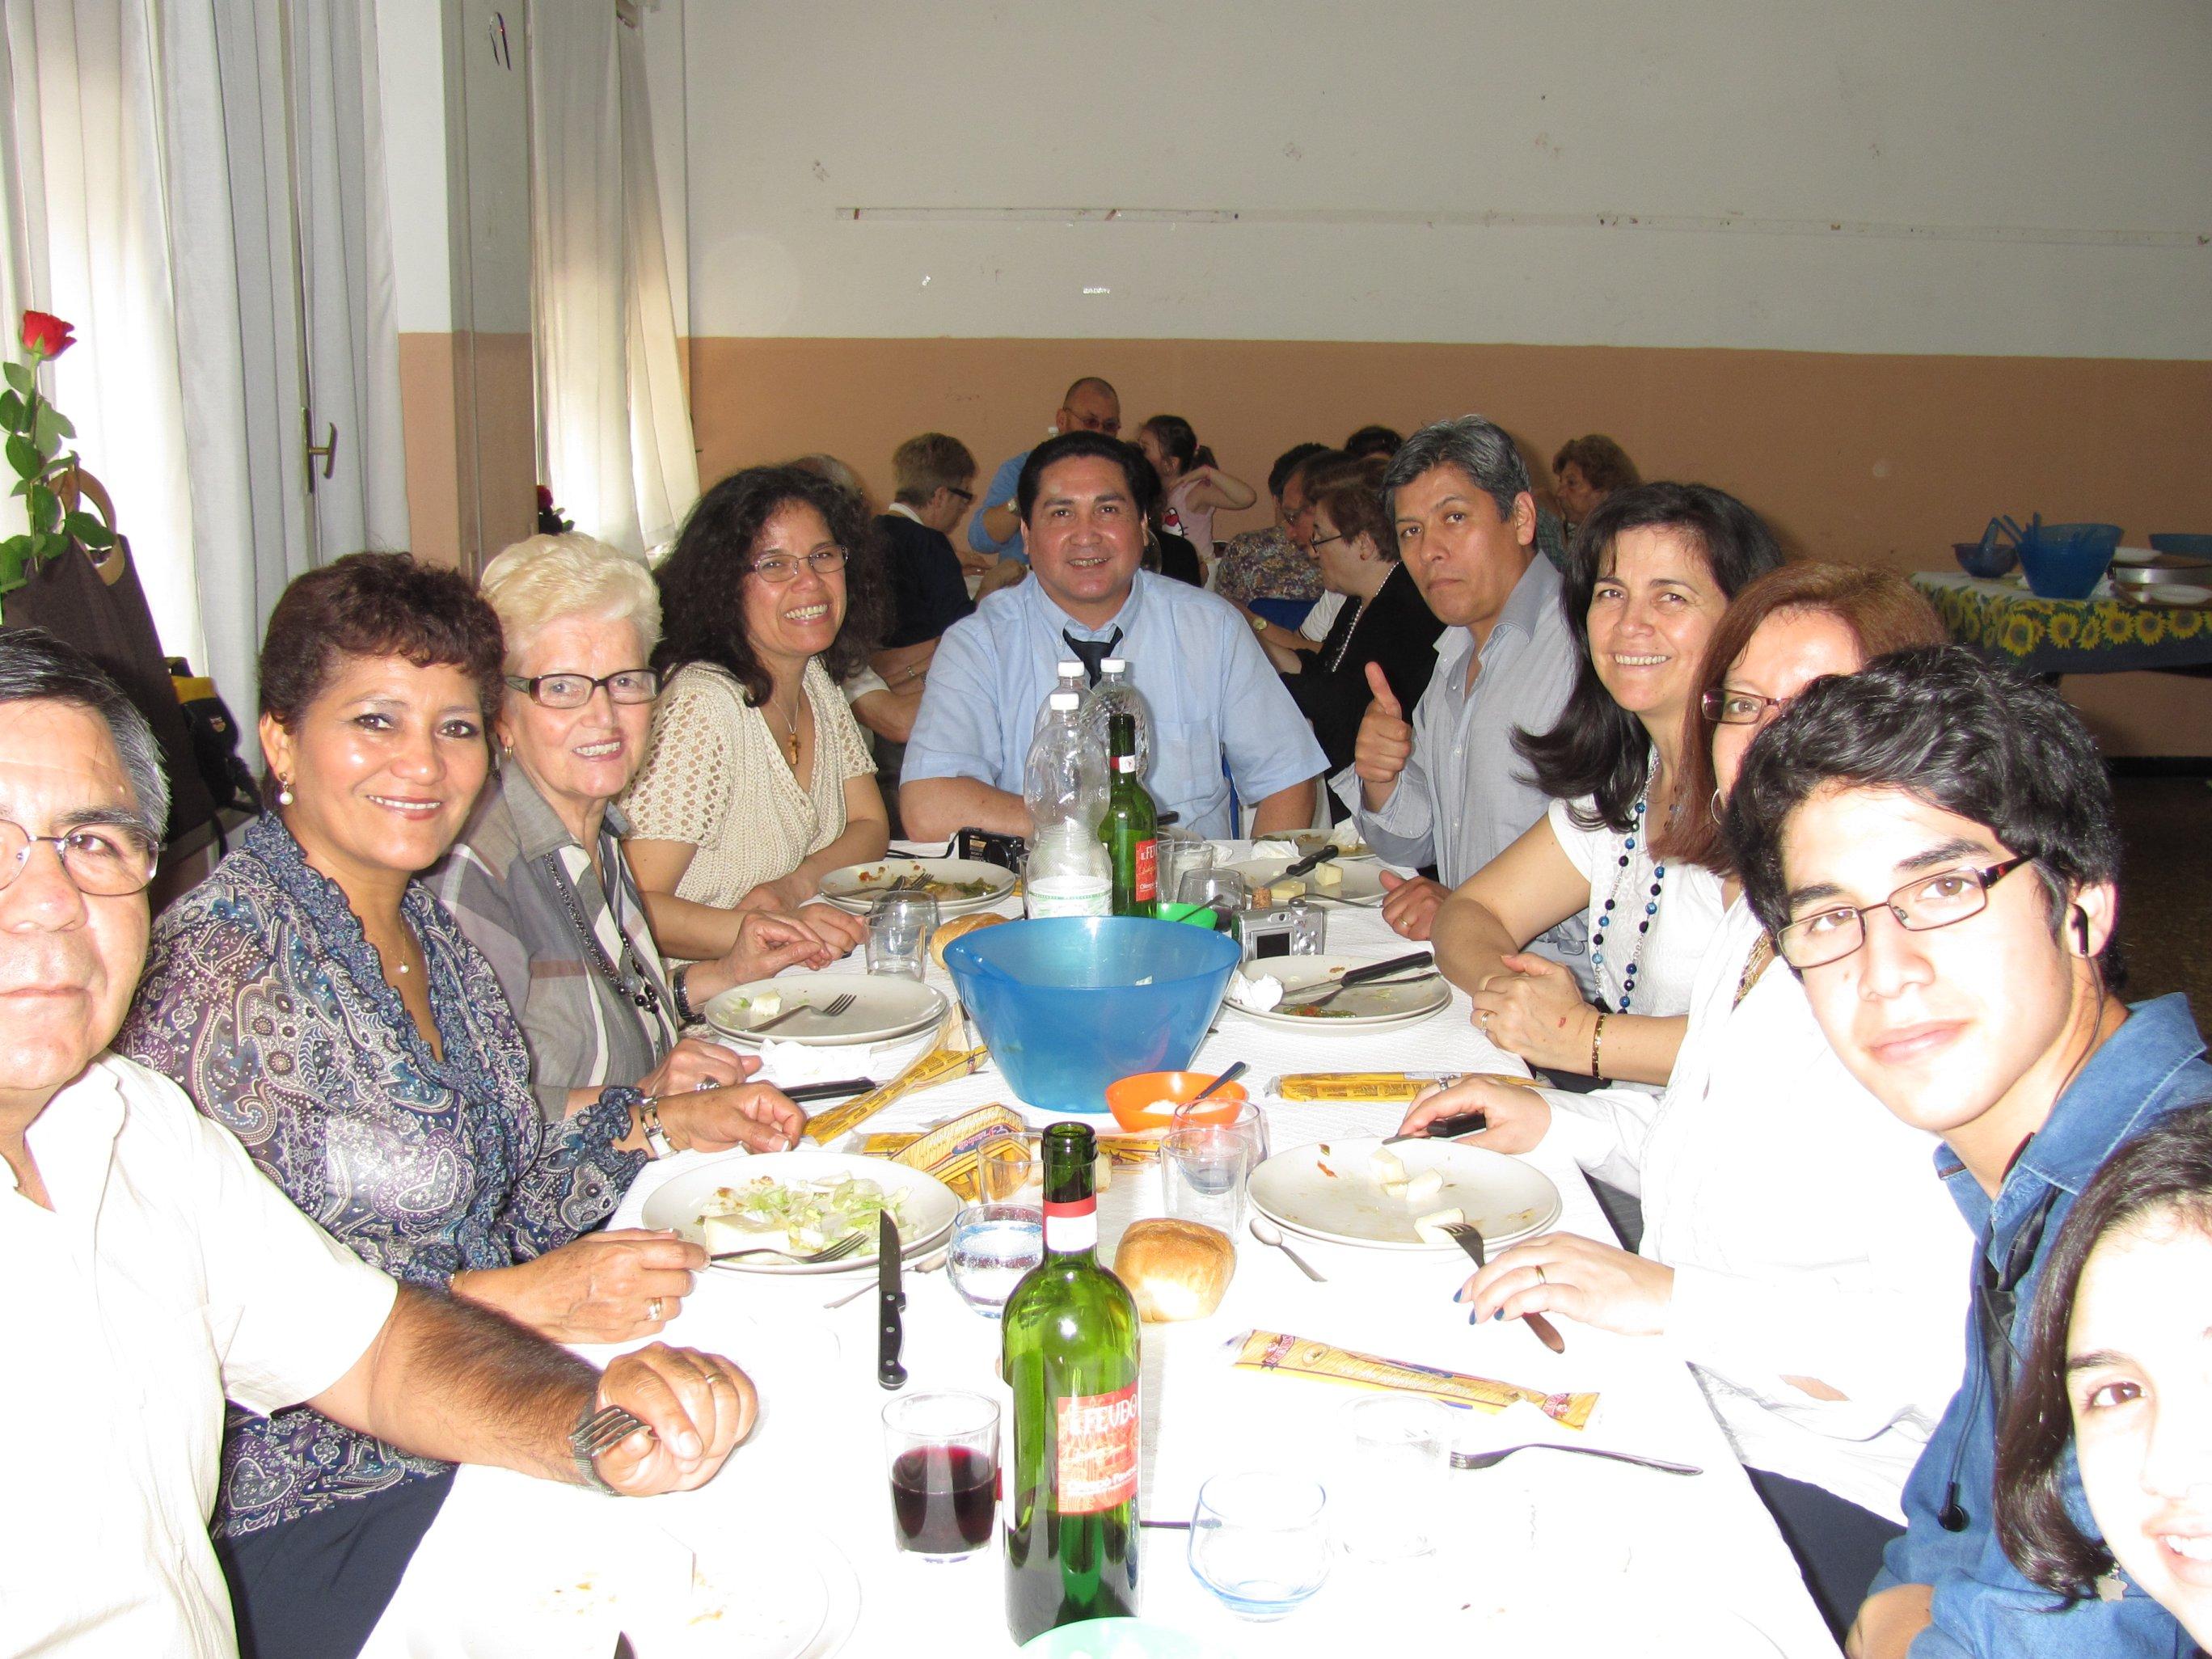 anniversari_di_matrimonio_e_di_ordinazione_2012-06-03-13-10-20